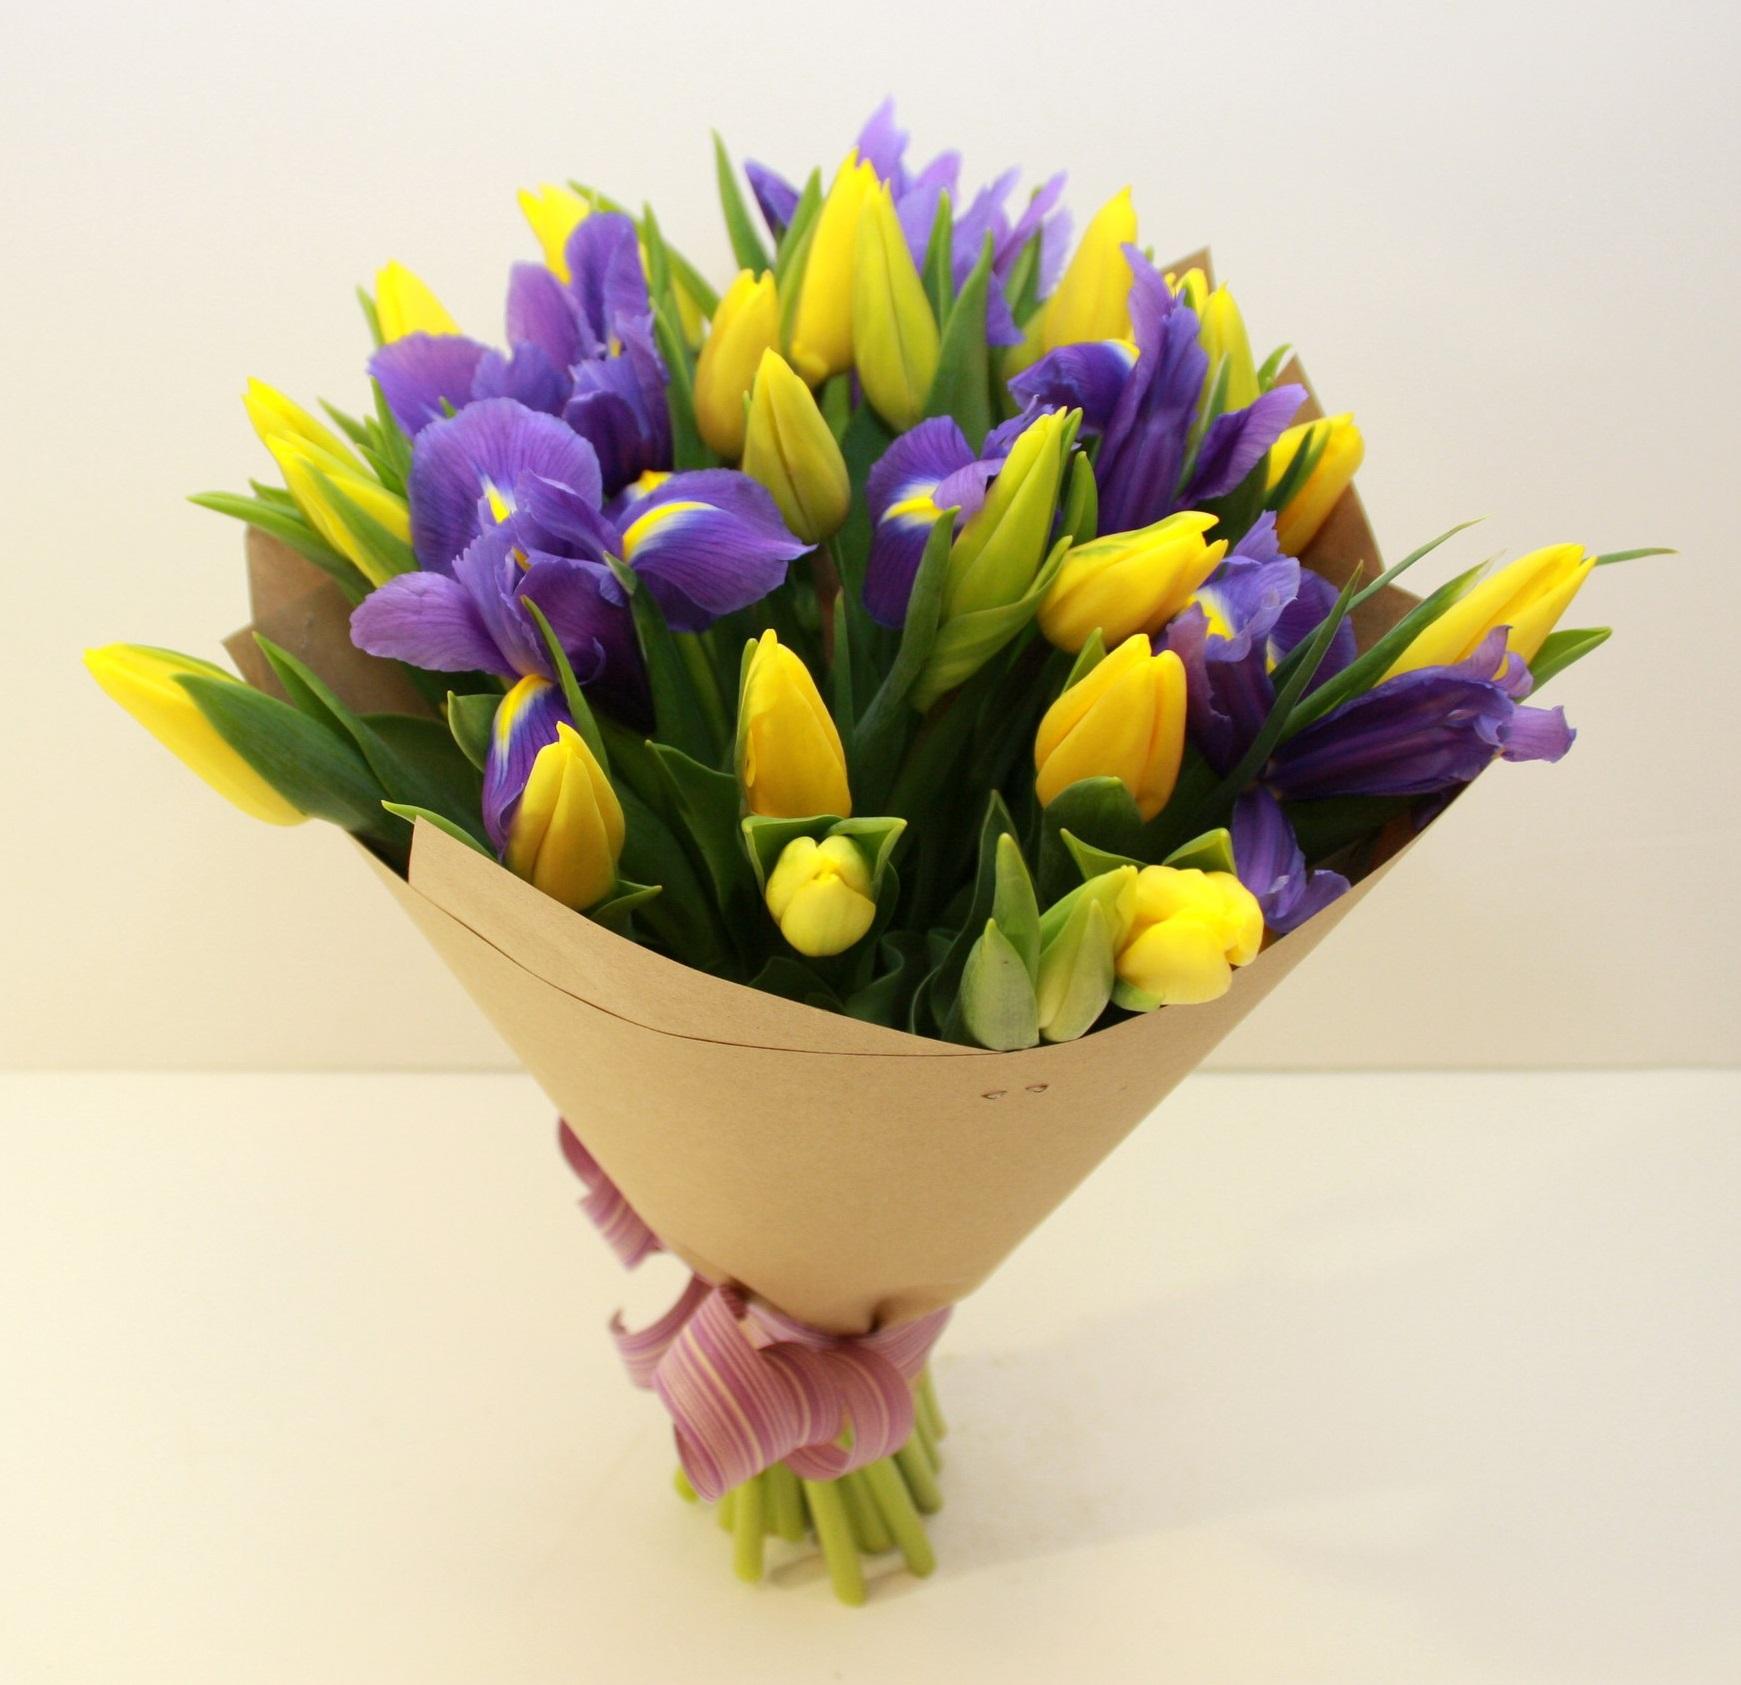 найти букет тюльпанов с ирисами фото это шутка такая